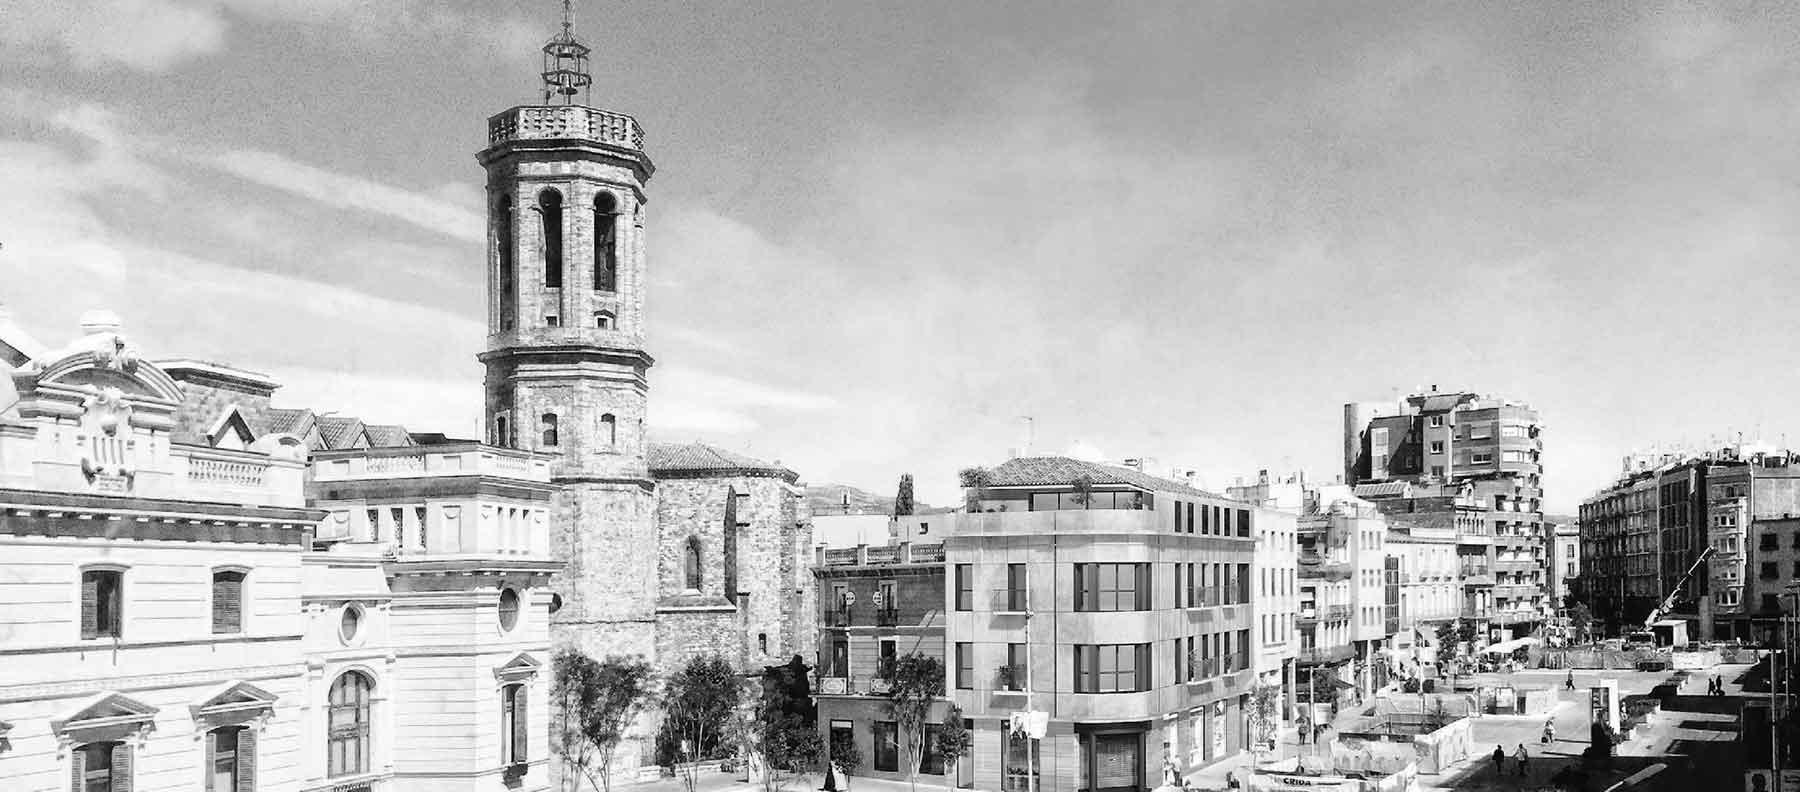 Tus productos de imprenta con la máxima calidad en Sabadell